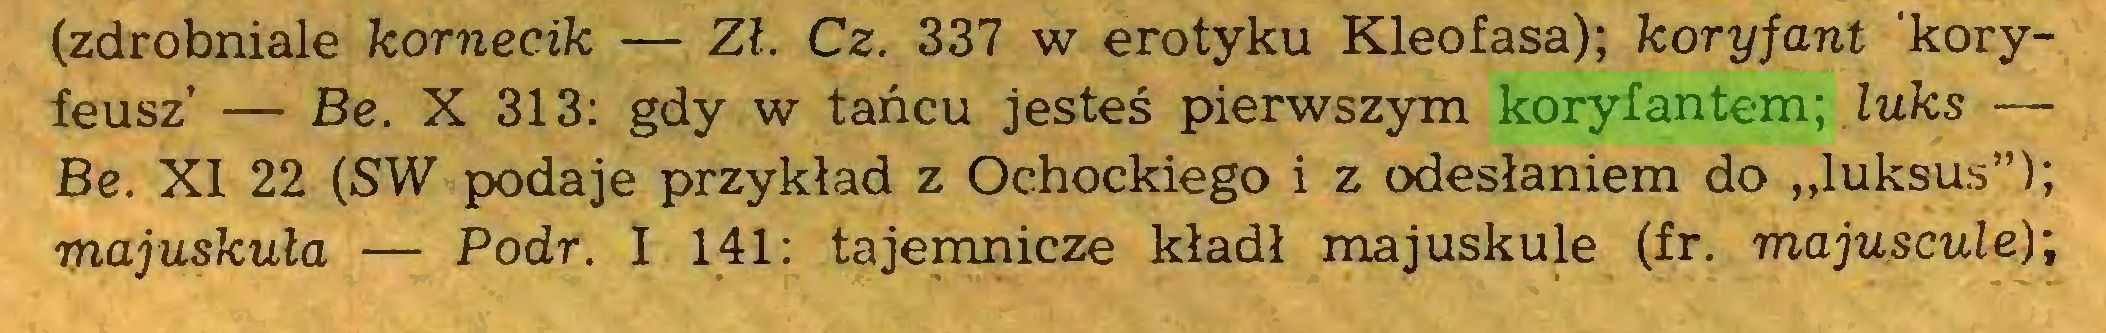 """(...) (zdrobniale kornecik — Zł. Cz. 337 w erotyku Kleofasa); koryfant koryfeusz' — Be. X 313: gdy w tańcu jesteś pierwszym koryfantem; luks — Be. XI 22 (SW podaje przykład z Ochockiego i z odesłaniem do """"luksus""""); majuskuła — Podr. I 141: tajemnicze kładł majuskule (fr. majuscule);..."""